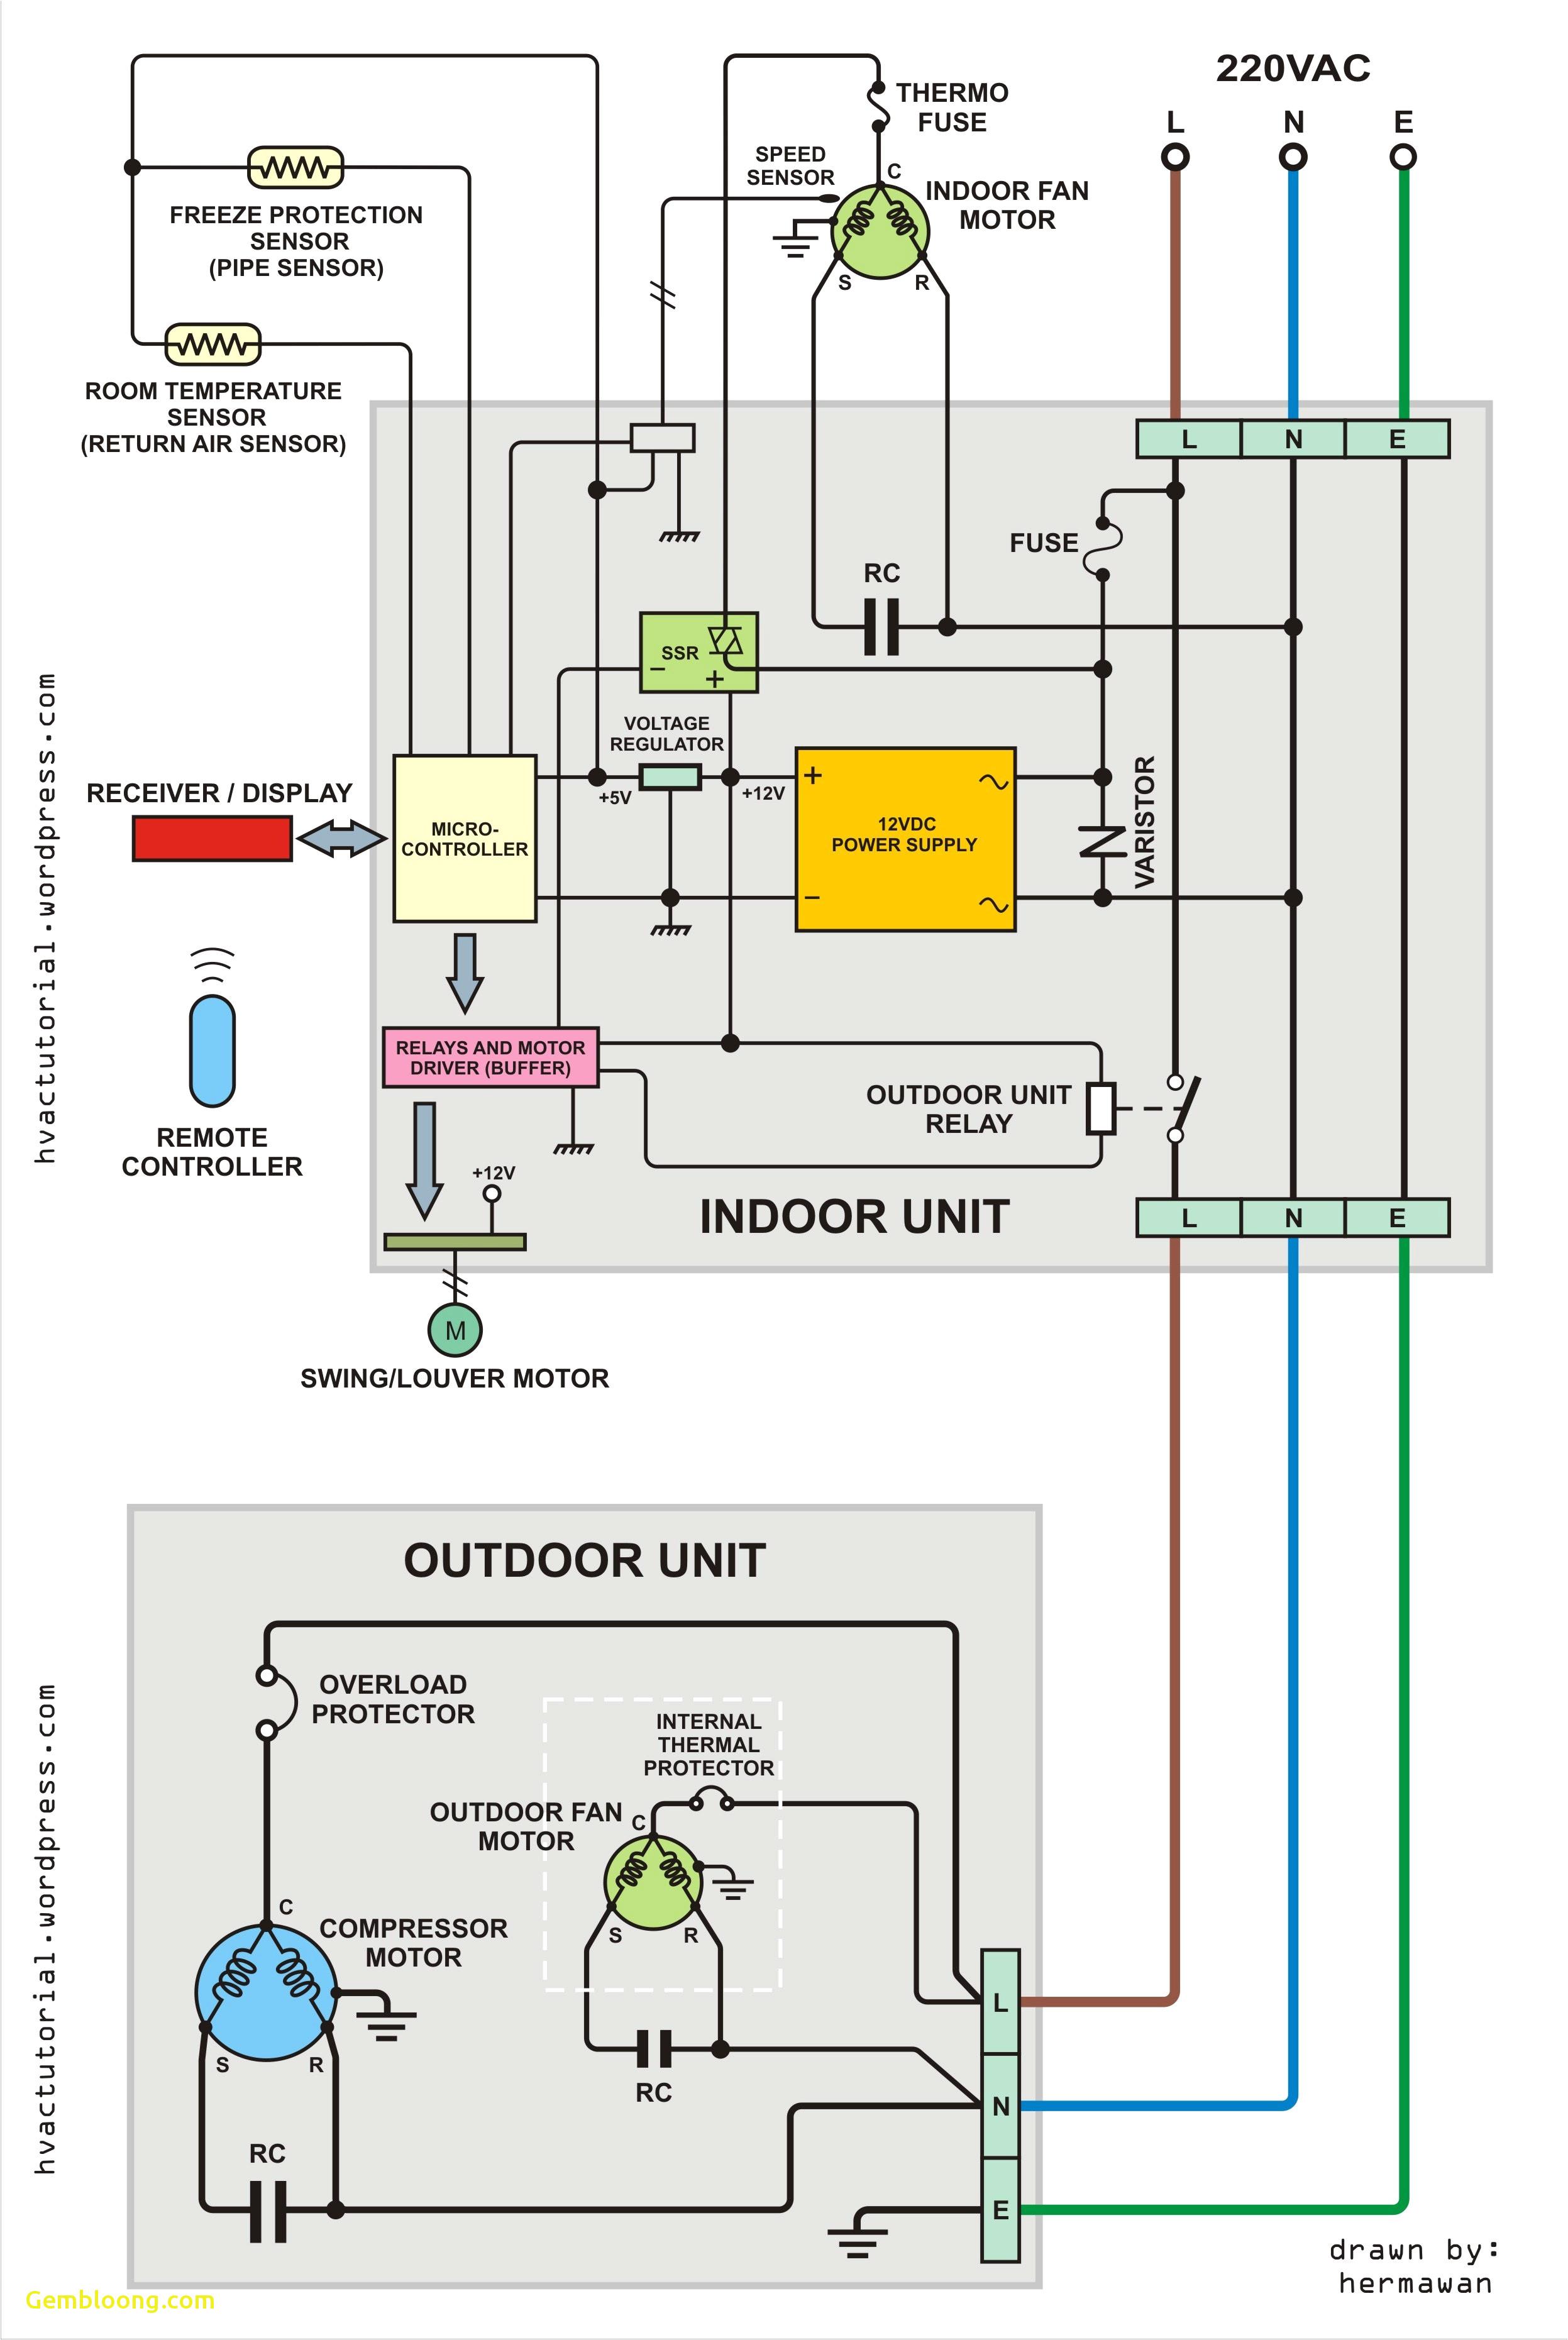 air conditioner wiring diagram f750 schema diagram database ford f650 air conditioning wiring wiring diagrams options